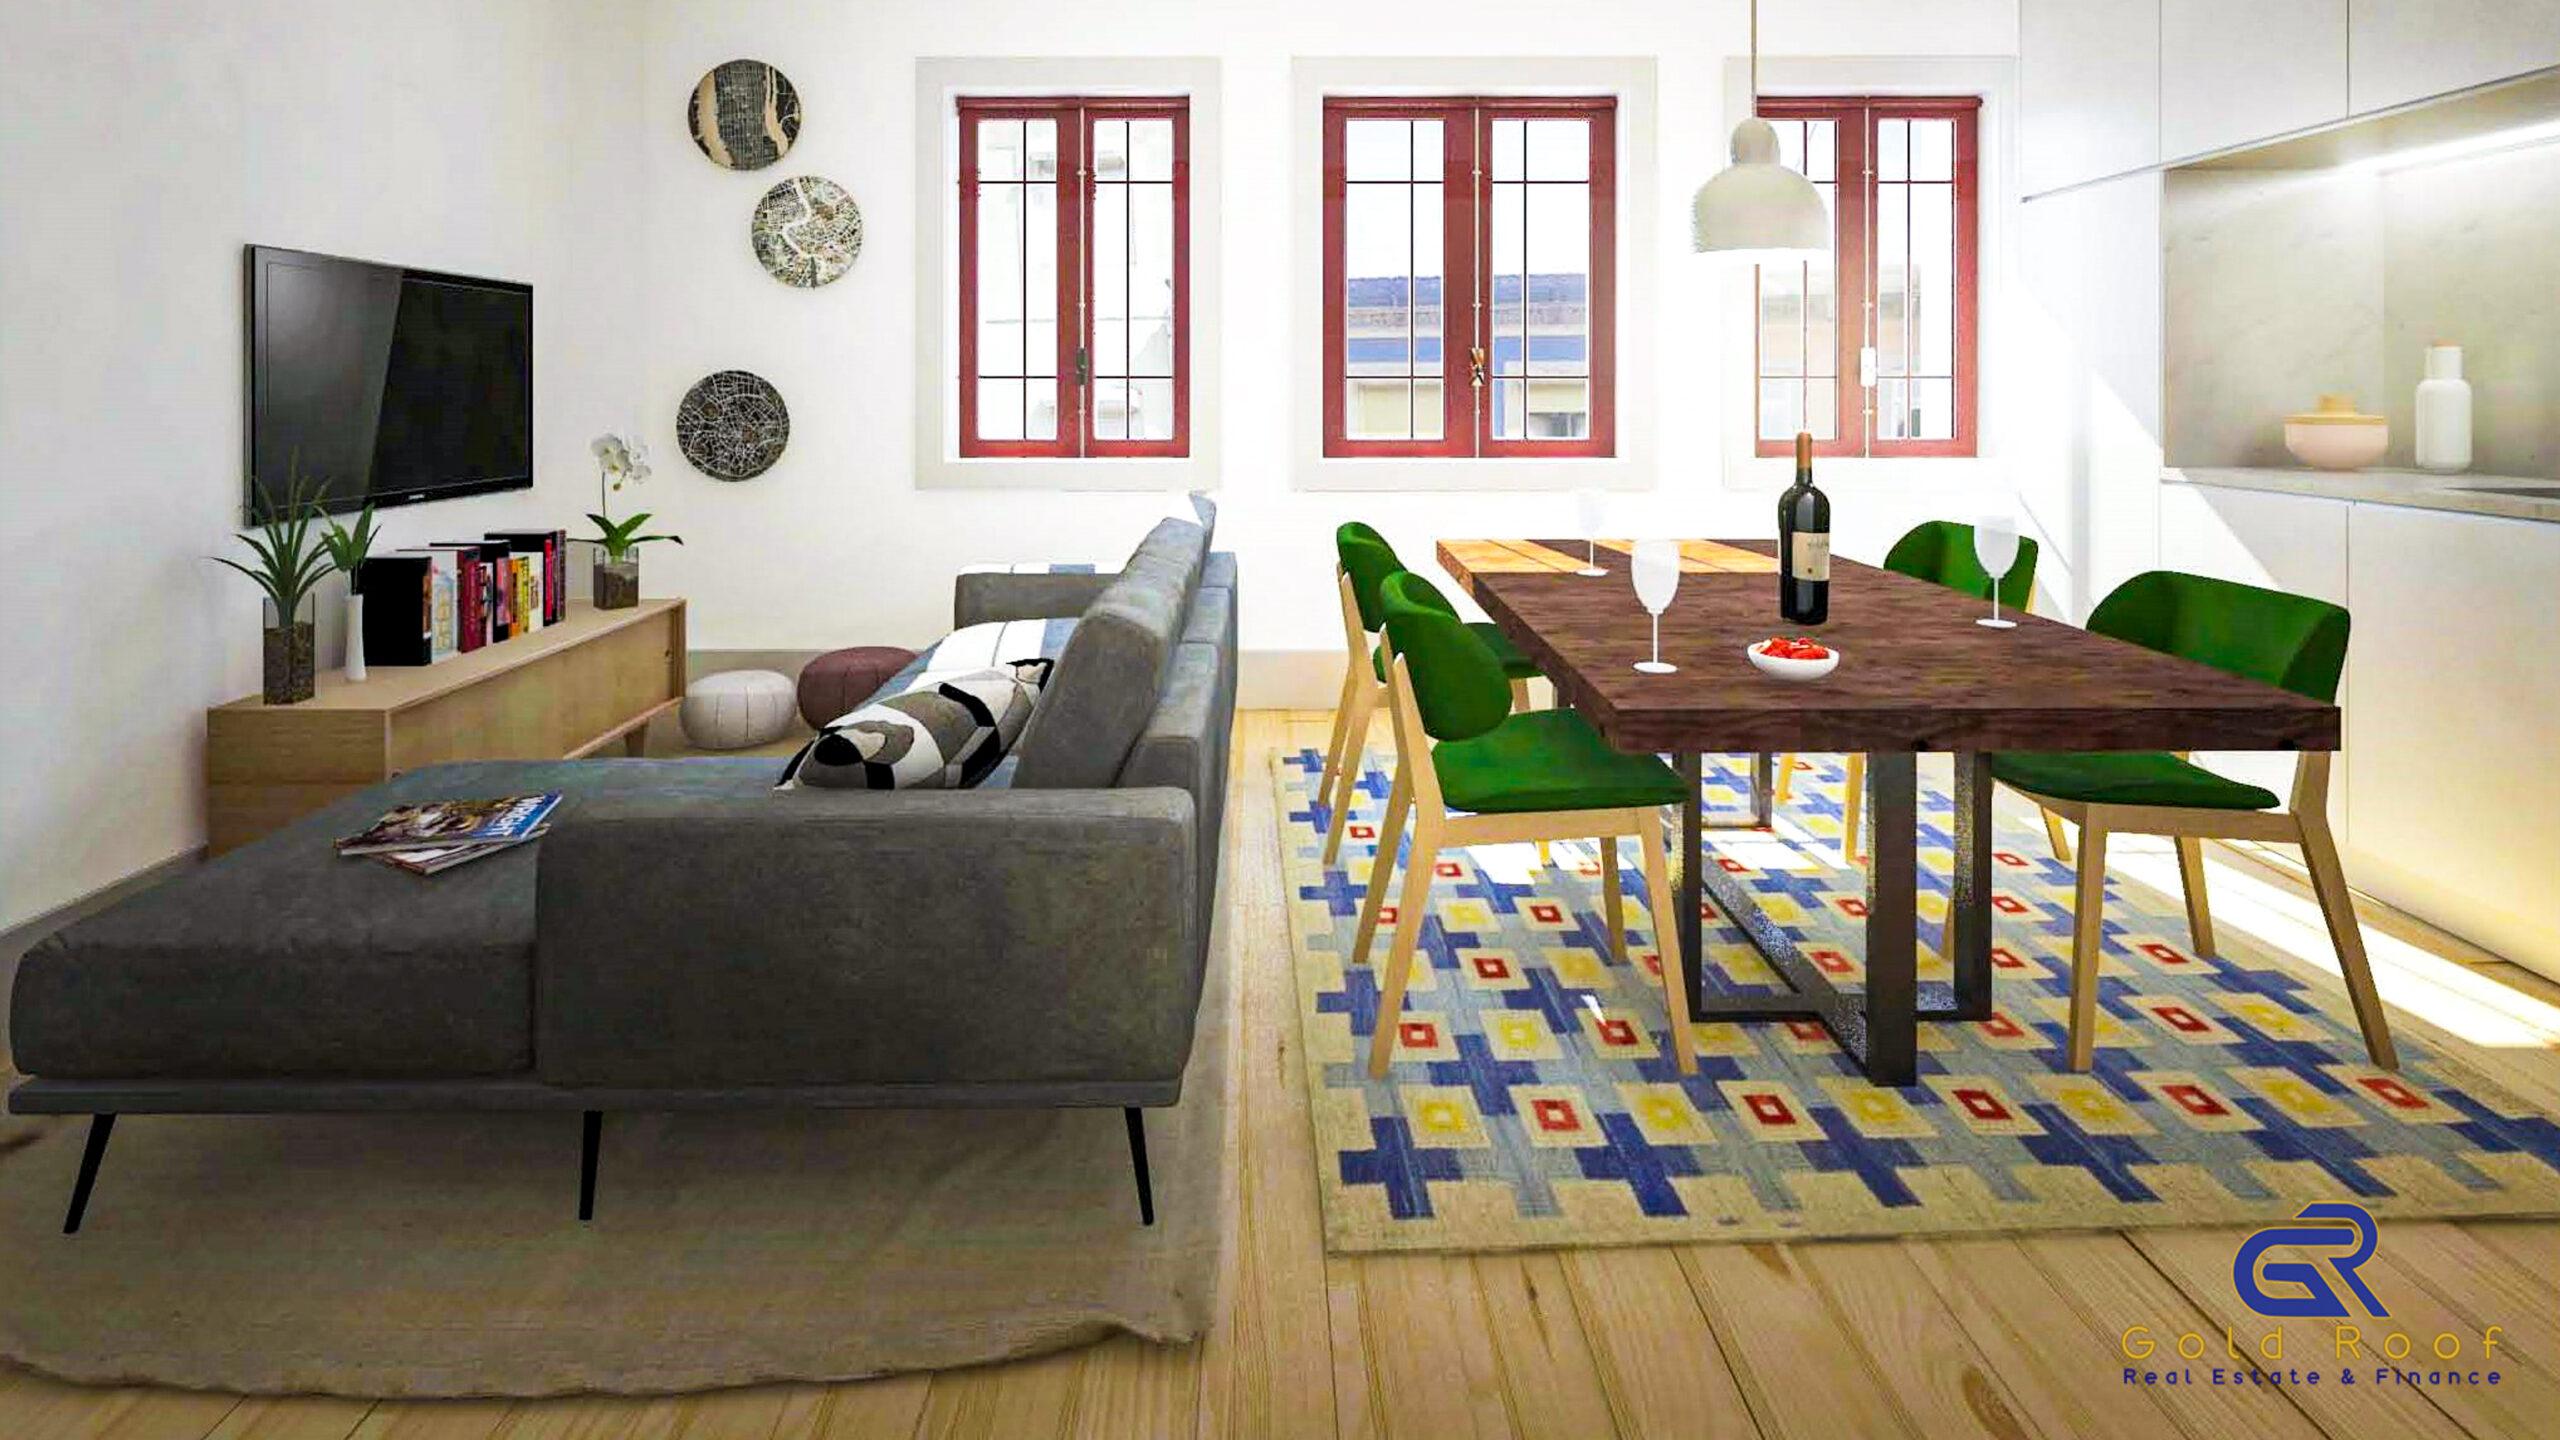 Appartement Studio+1, près du métro, Matosinhos